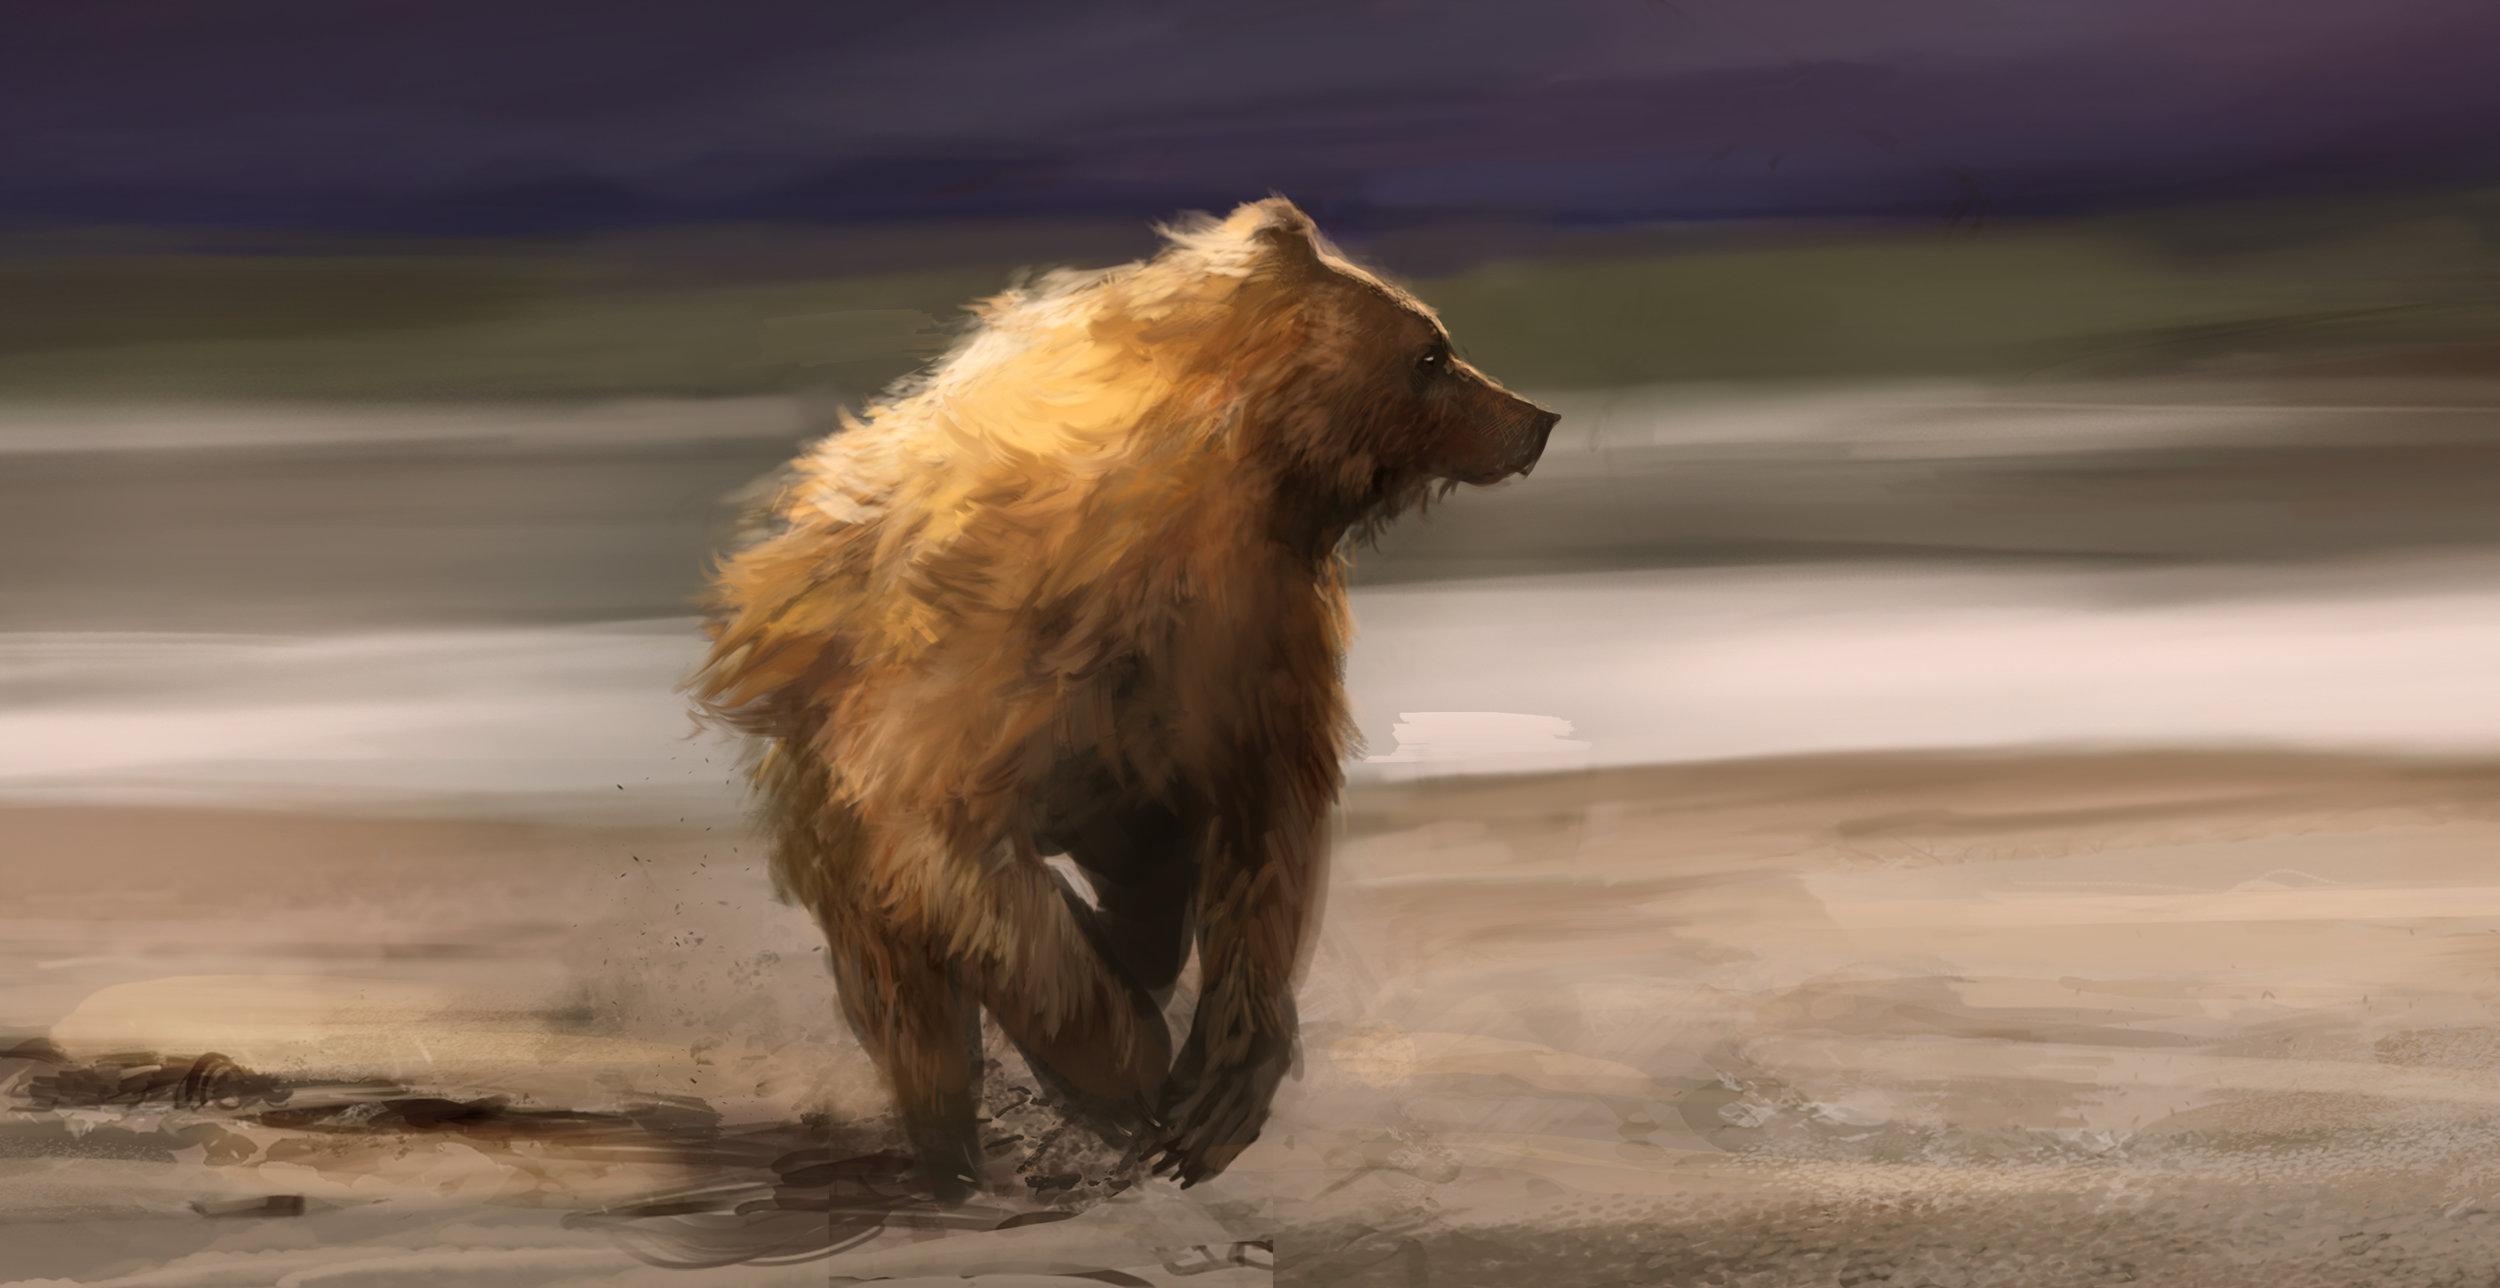 bear-studt-pg-239.jpg